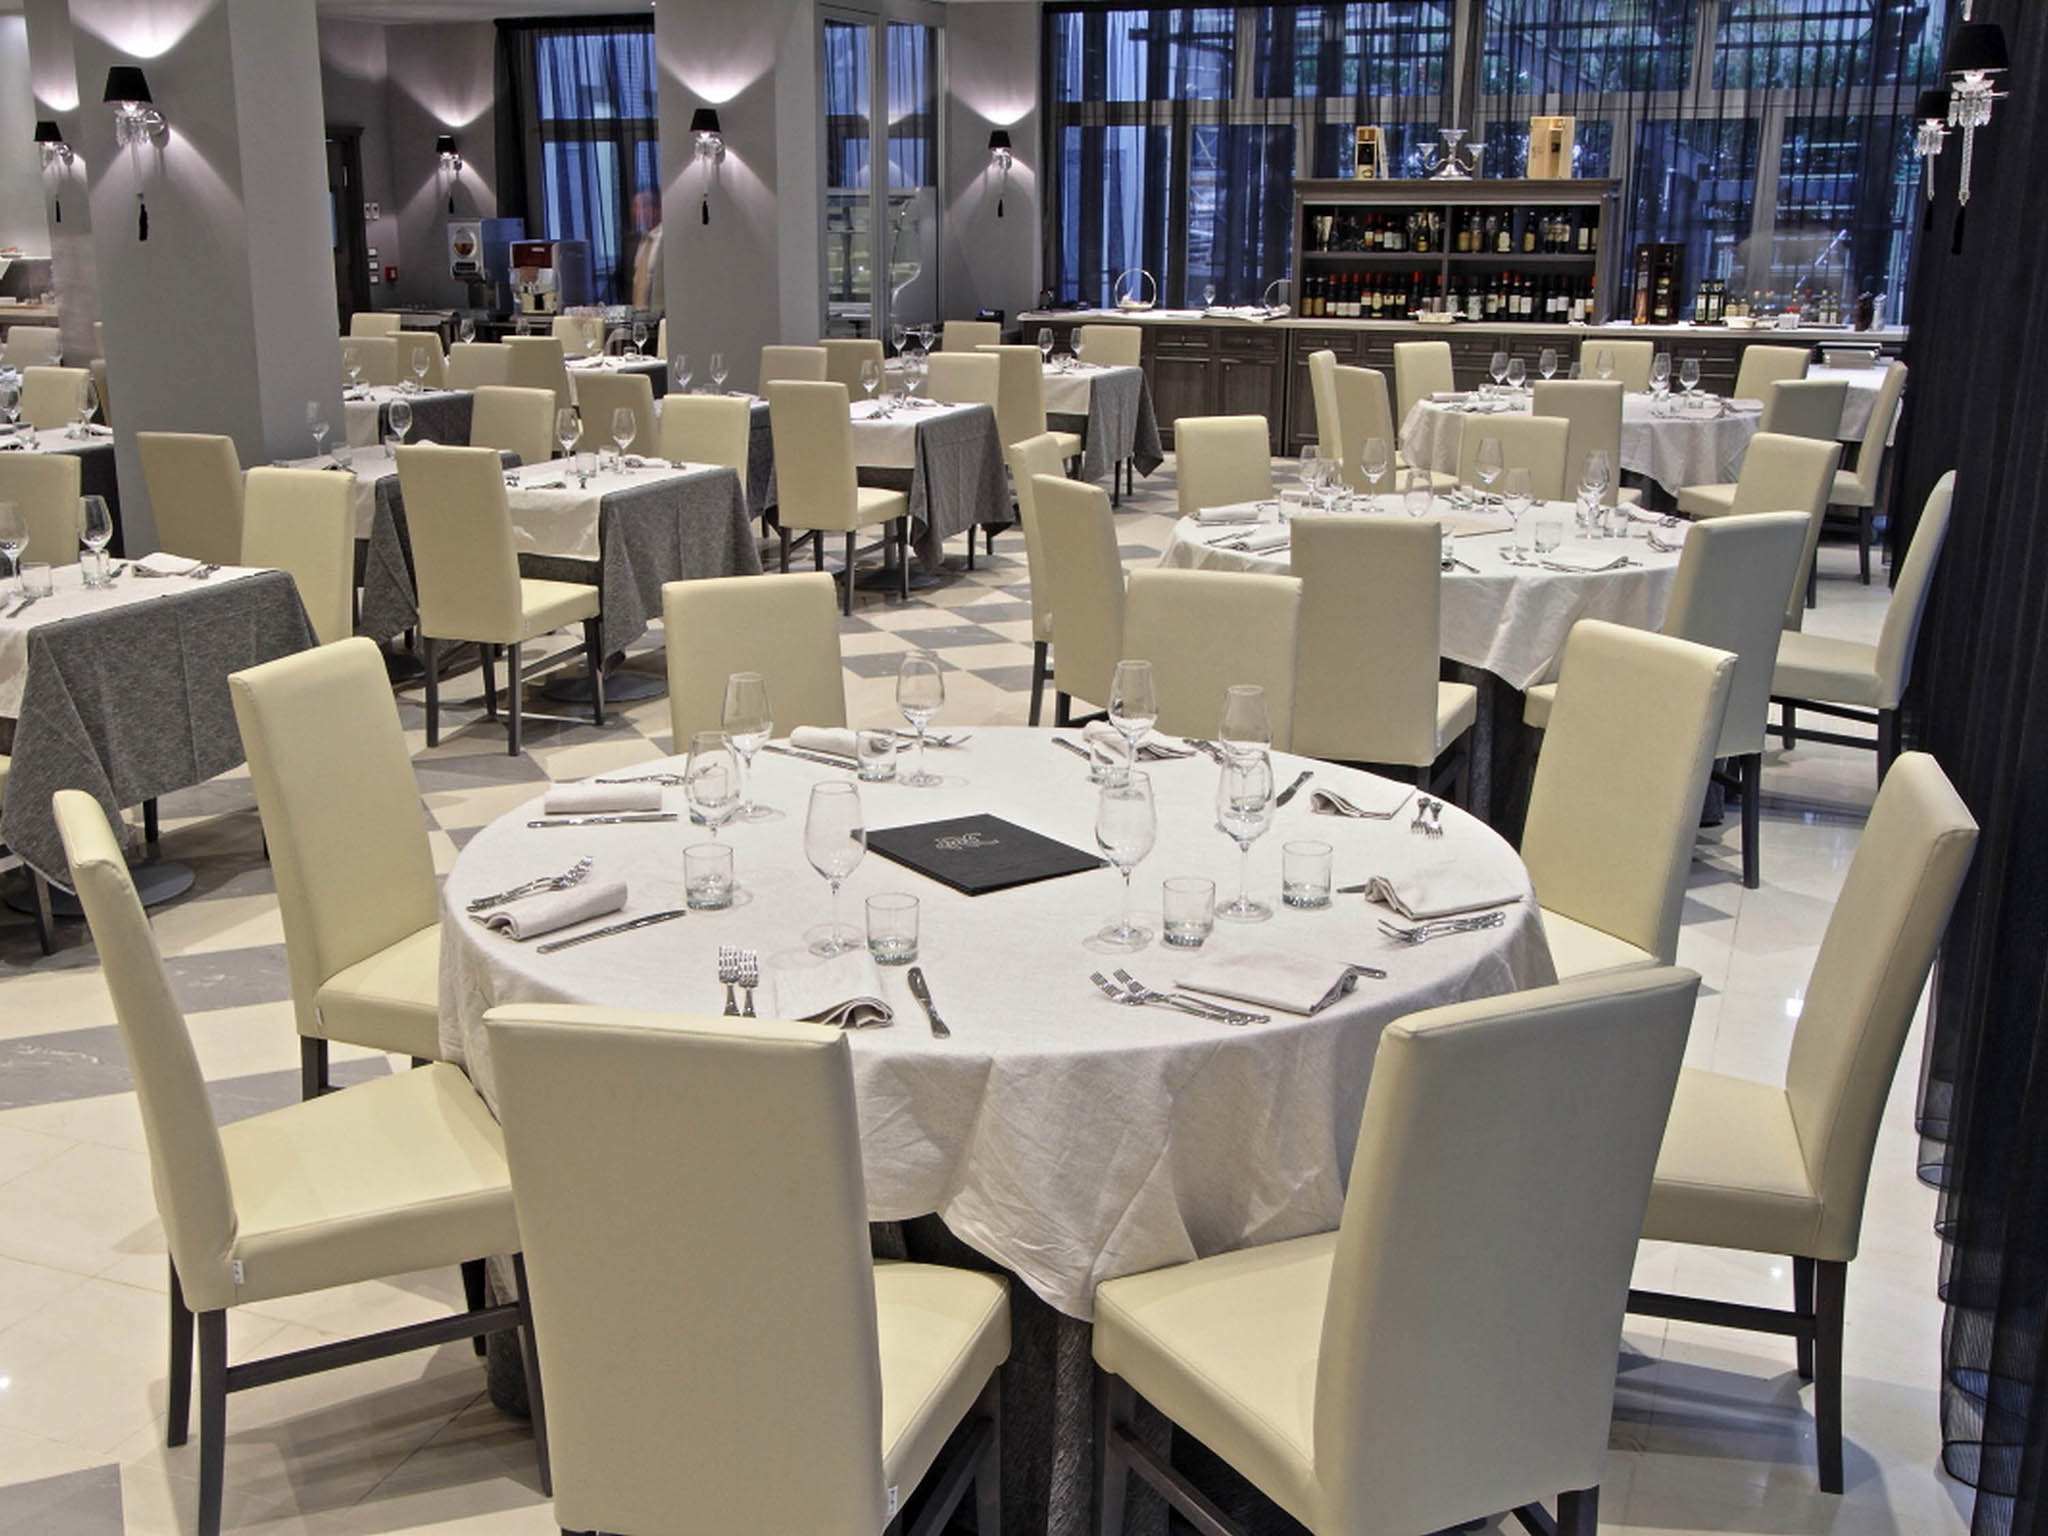 Hotel in casalecchio di reno boutique hotel calzavecchio for Casalecchio di reno bologna hotel